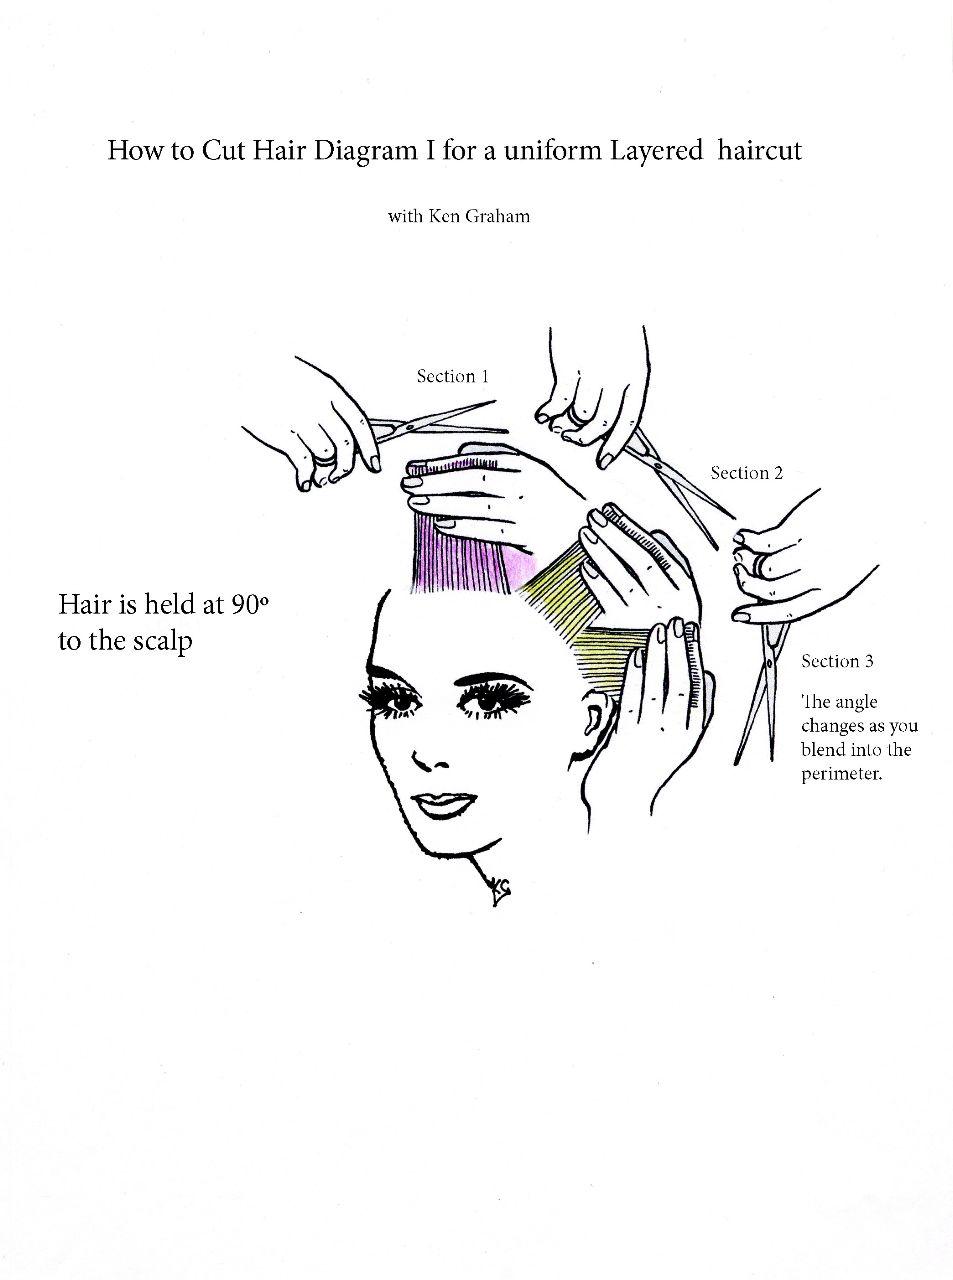 Diagram-1-for-articles129-12.jpg 953×1,280 pixels Hair